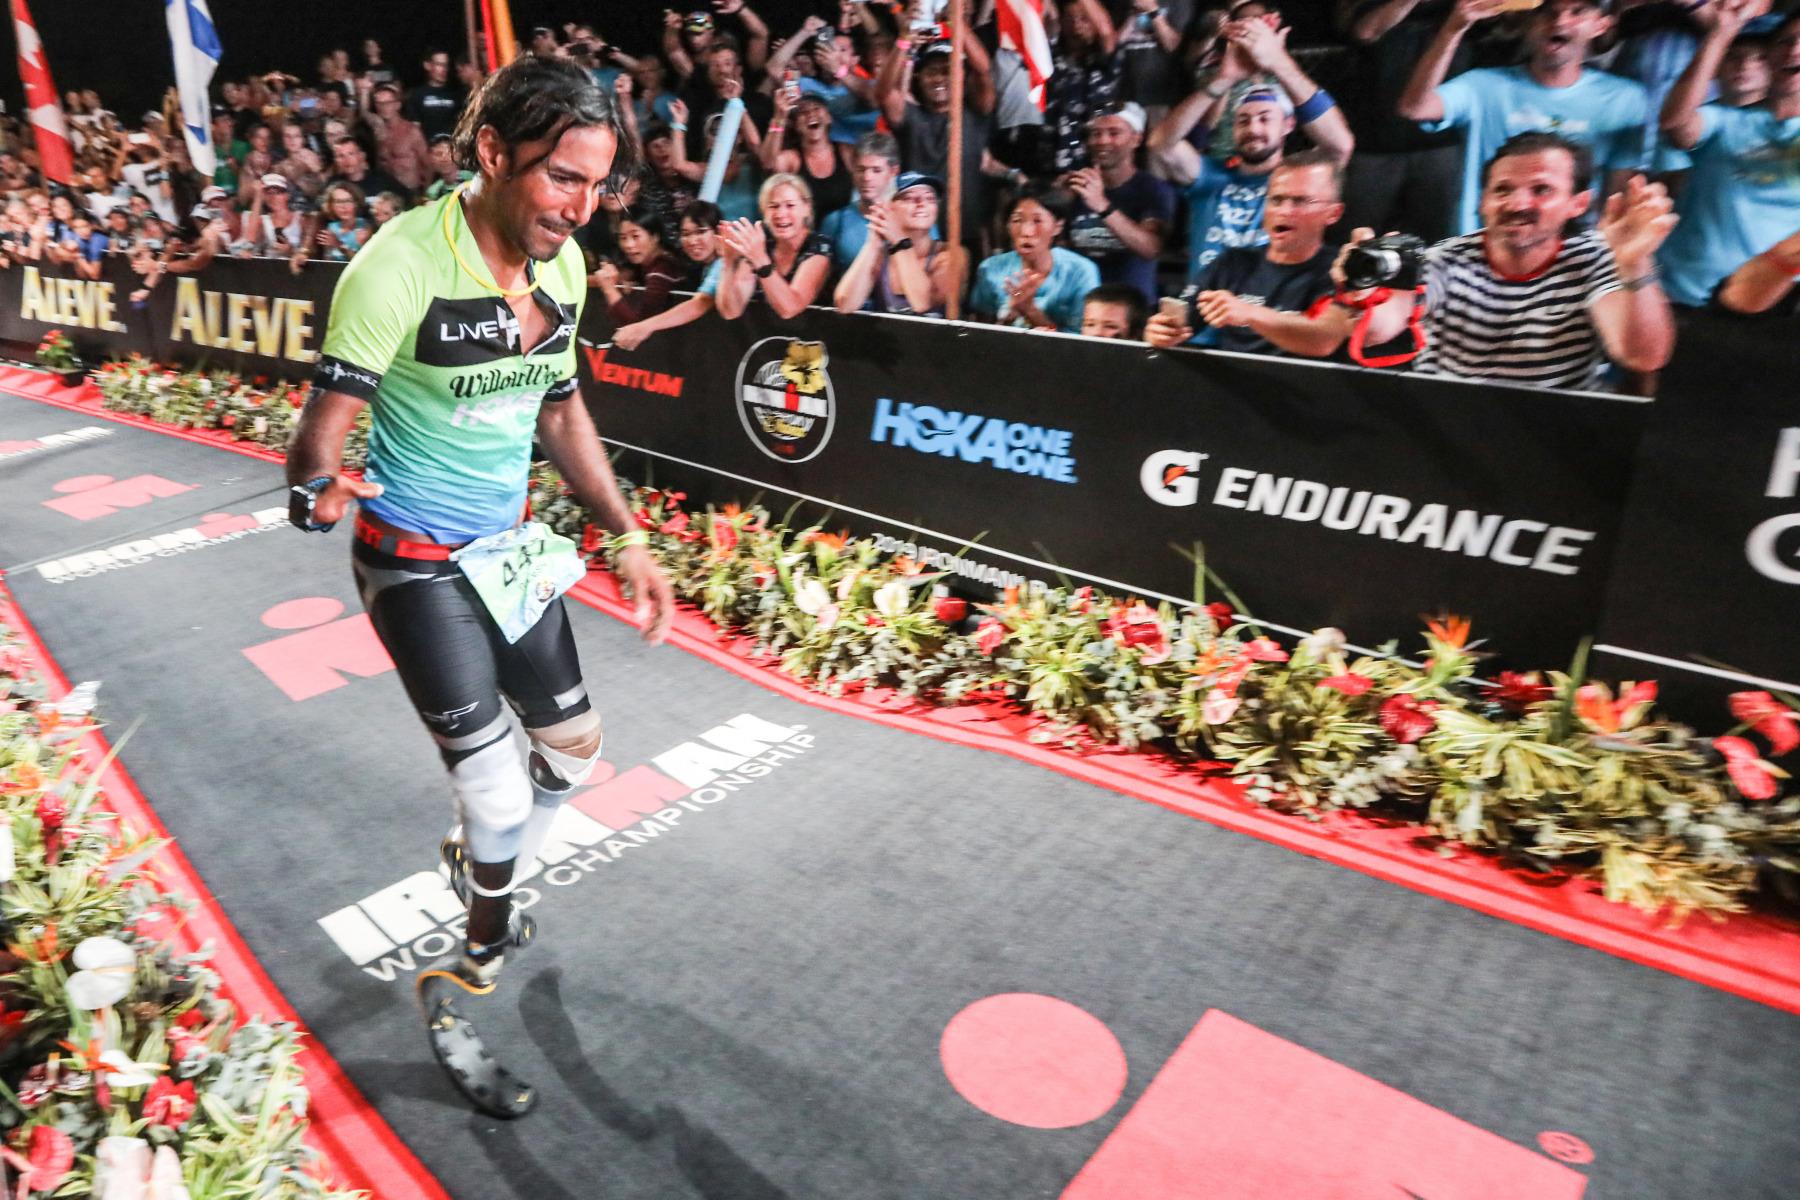 Überwältigt von den Emotionen erreicht ein Athlet mit zwei Beinprothesen kurz  vor Zielschluss um 0.30 Uhr die Finishline.